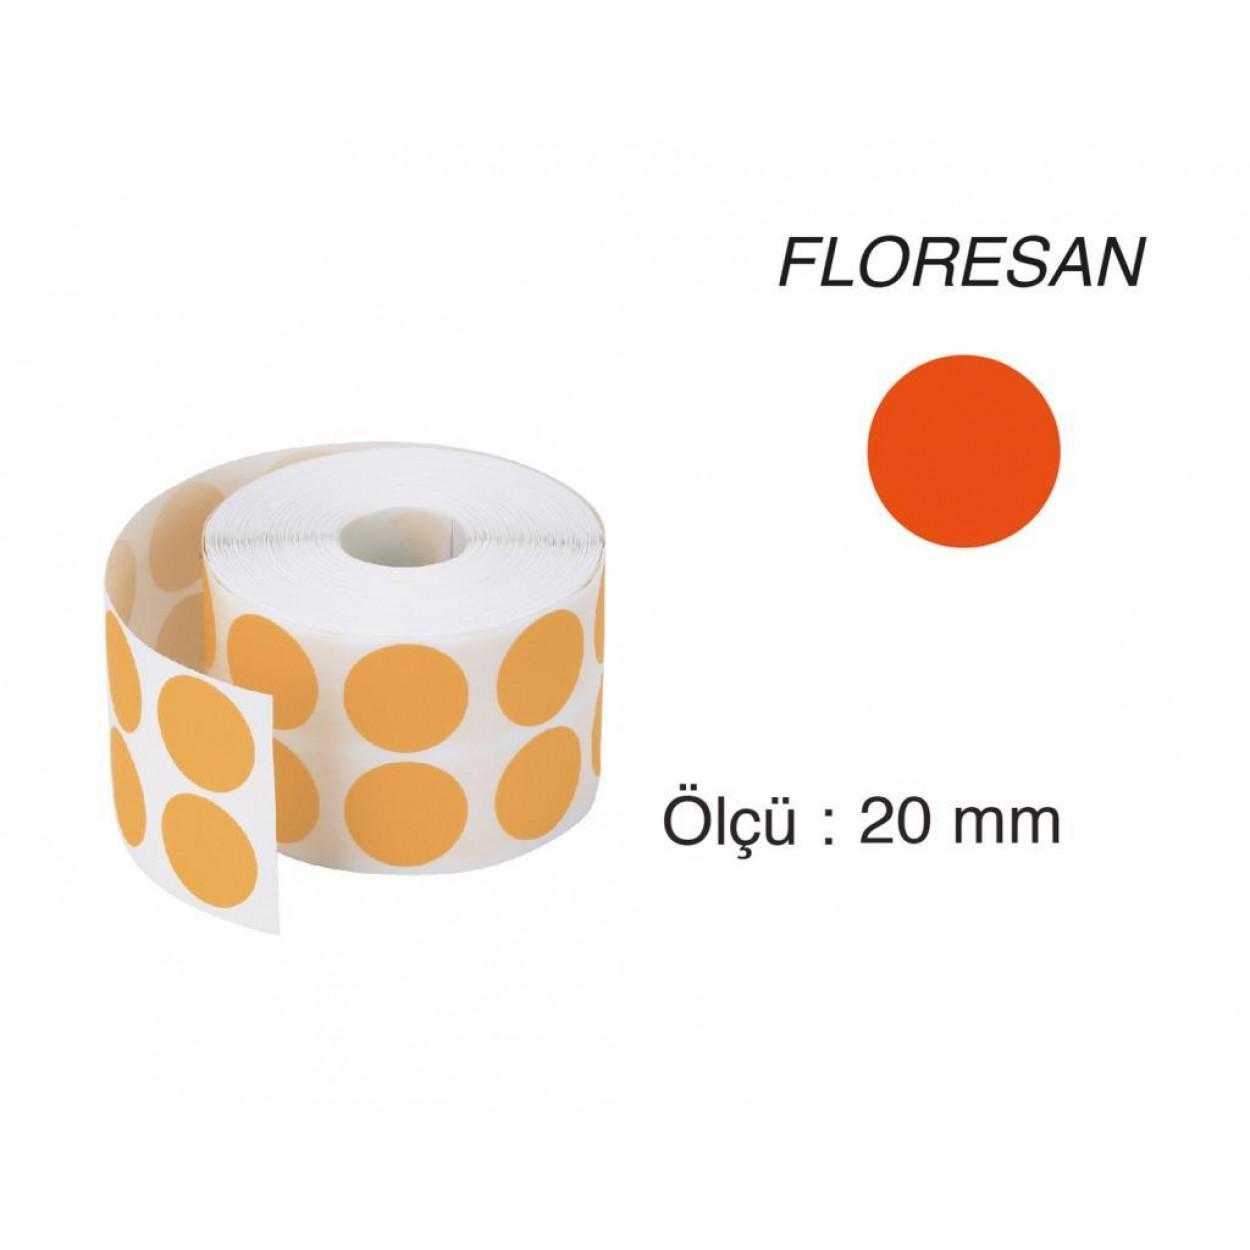 Tanex Nokta Etiket 20 mm 2500 Adet Floresan Turuncu